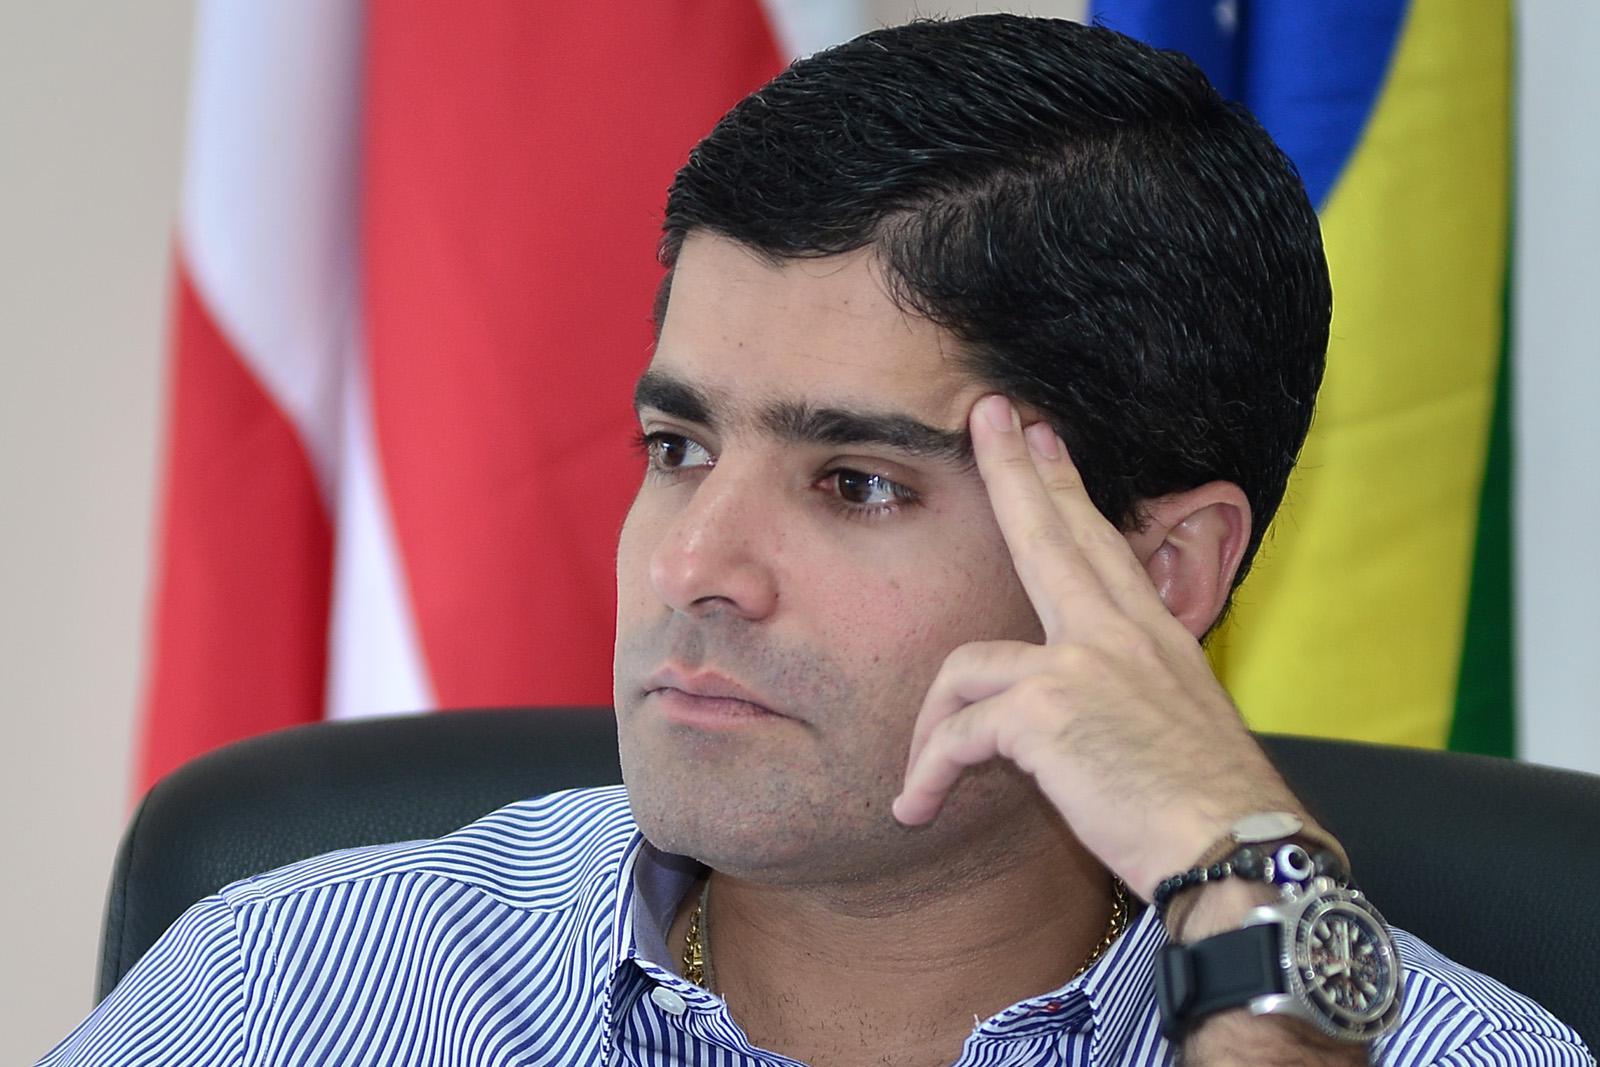 ACM Neto viaja para Brasília para tomar posse no cargo presidente  Nacional do partido DEM